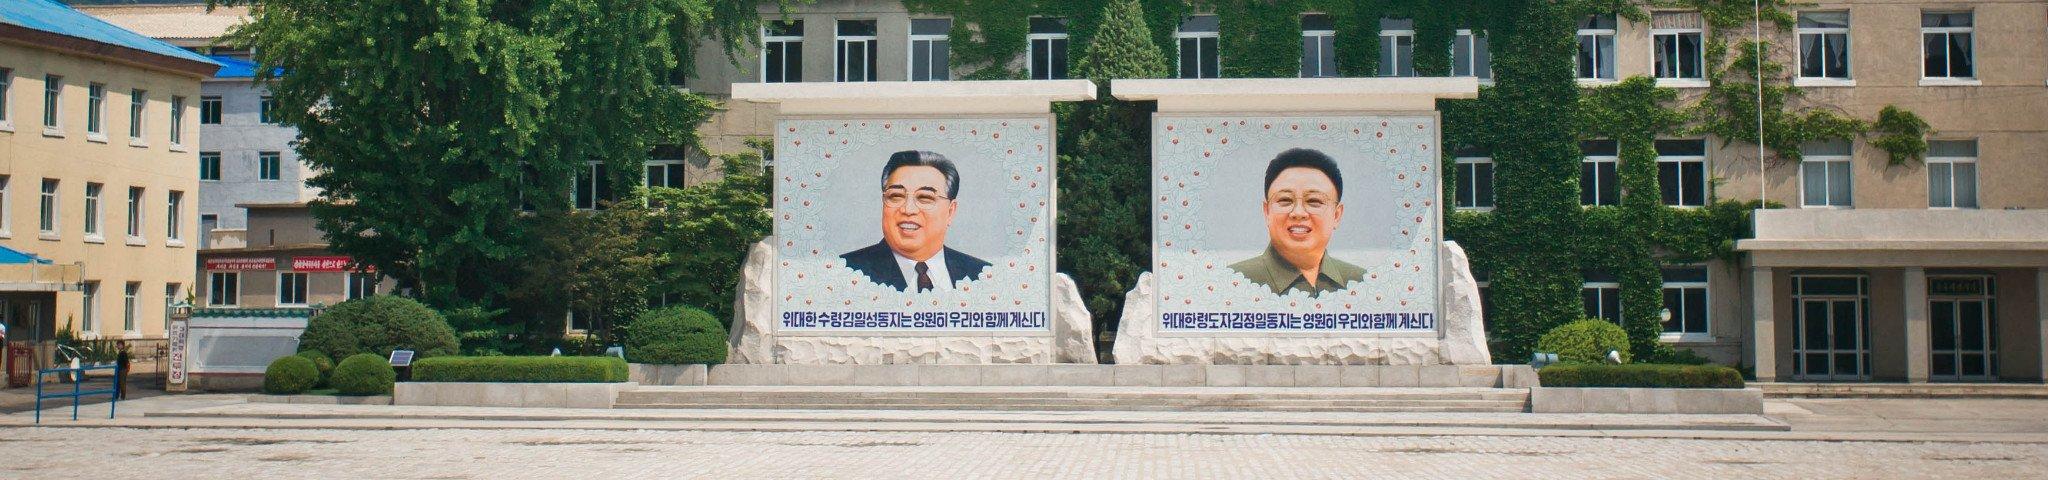 探访熟悉又神秘的邻居——朝鲜